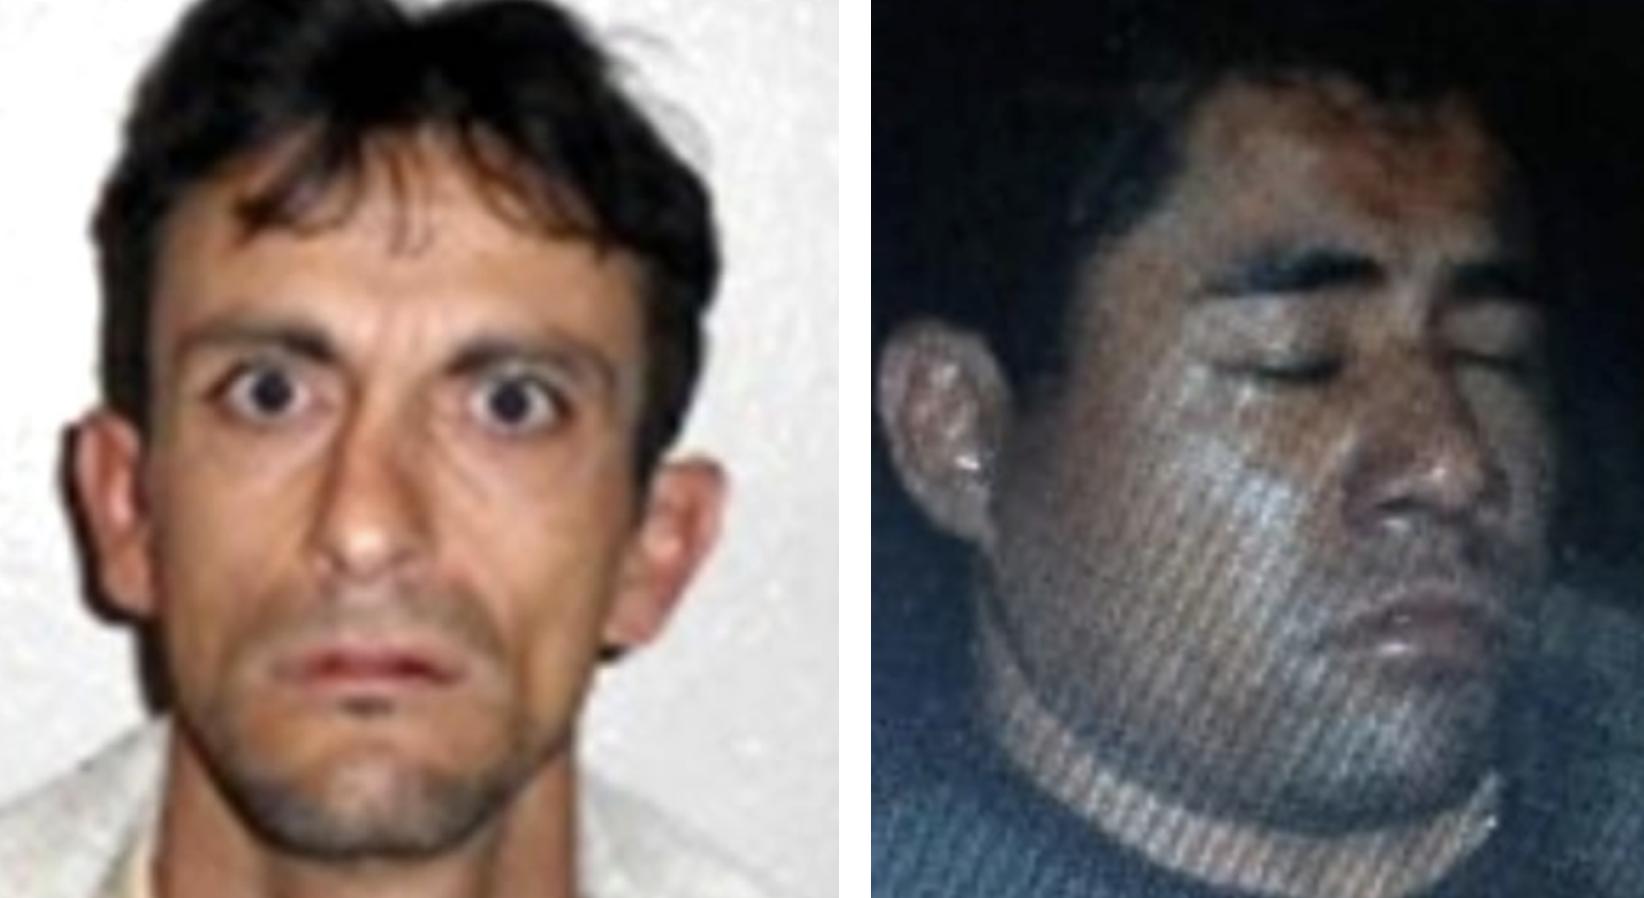 Who is Ricardo Ruiz Velasco?